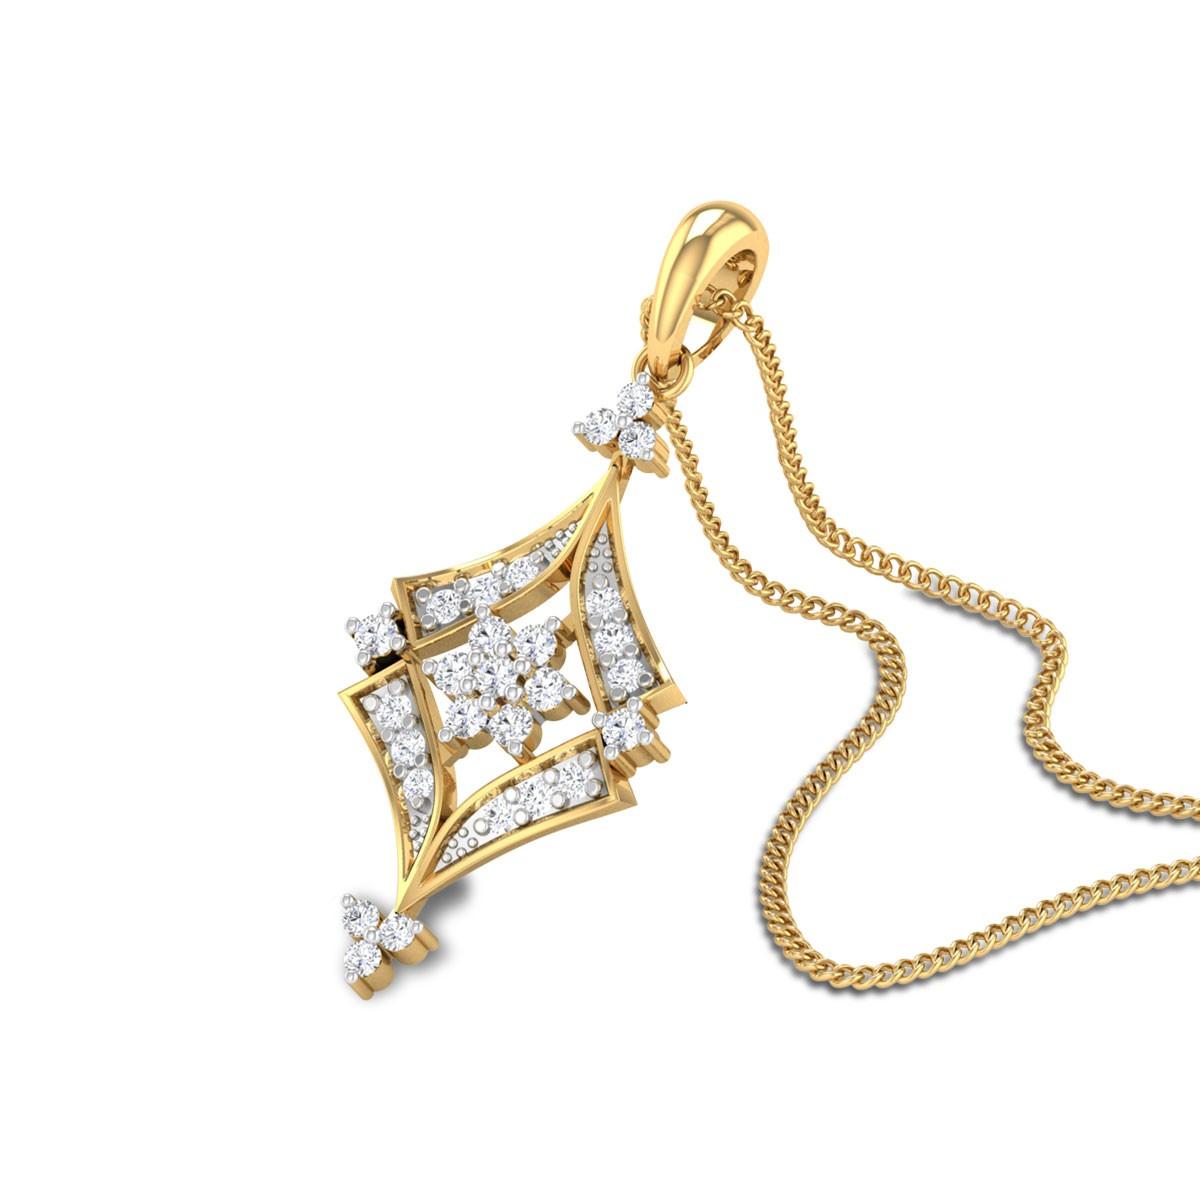 Parker Floral Diamond Pendant